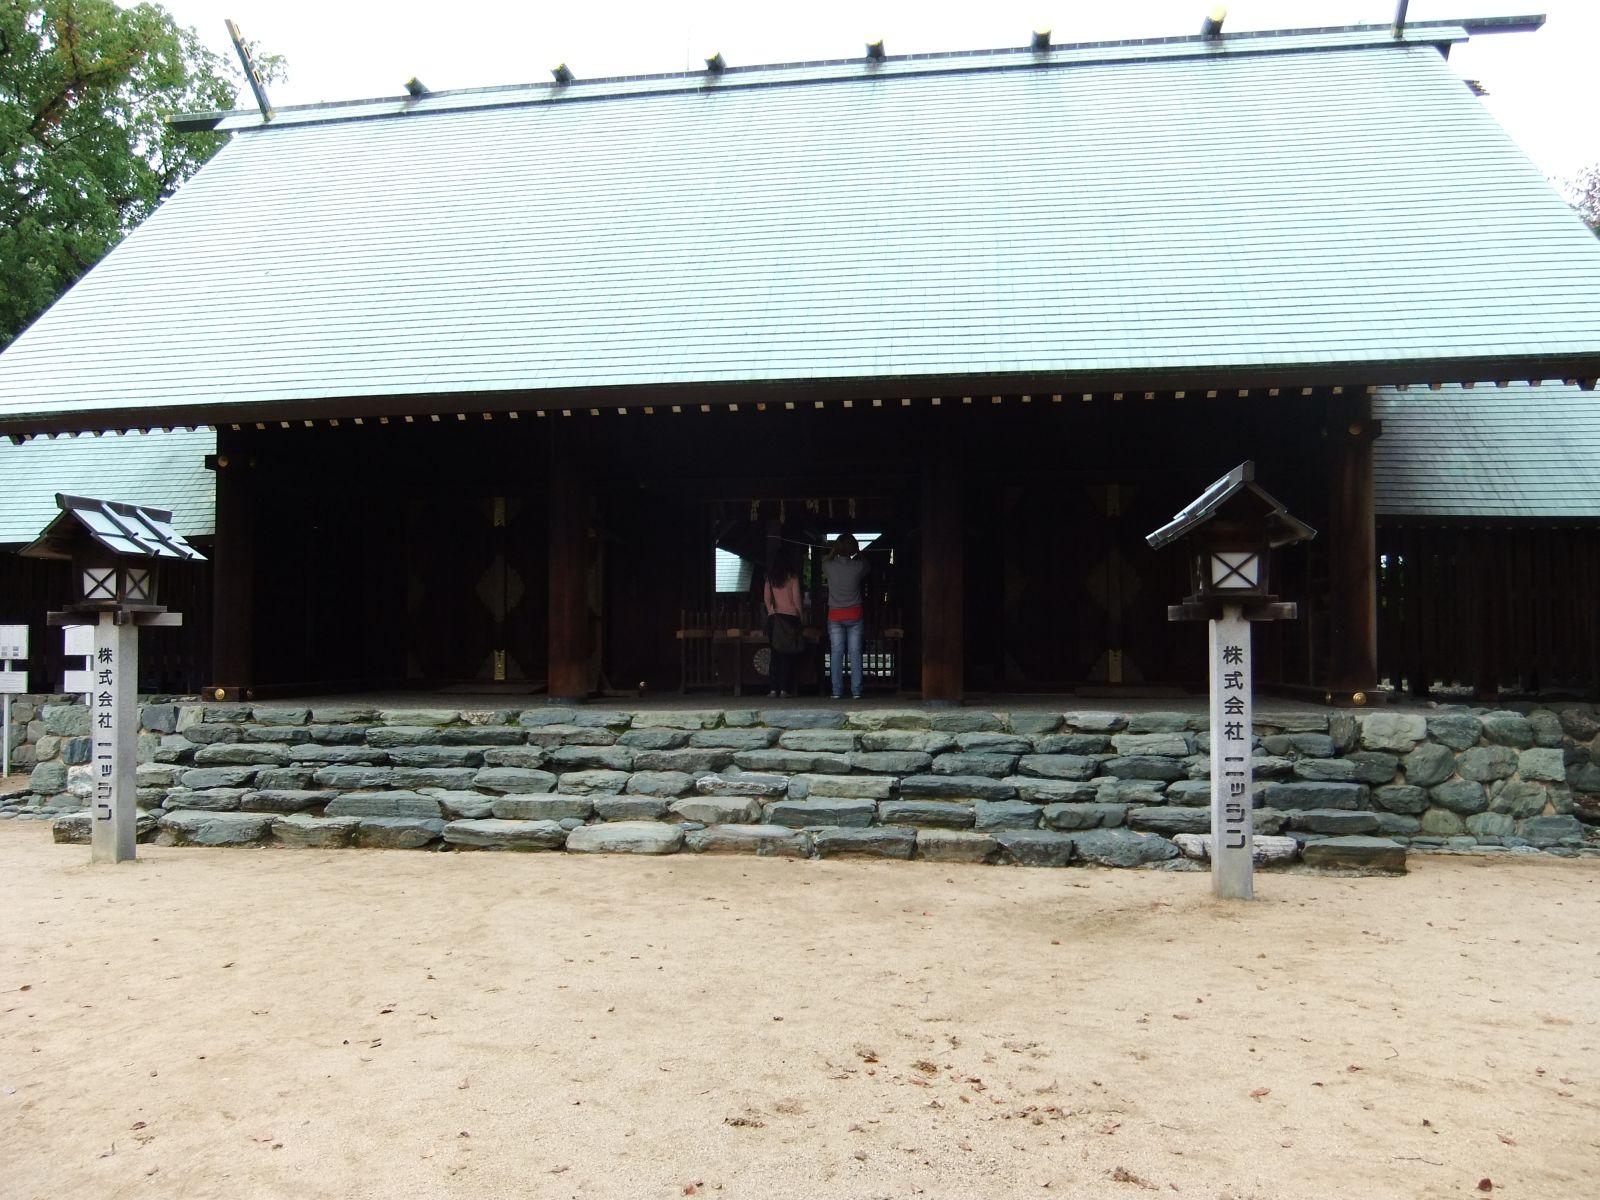 秋の松山城(東雲神社)の写真です。クリックすると拡大します。